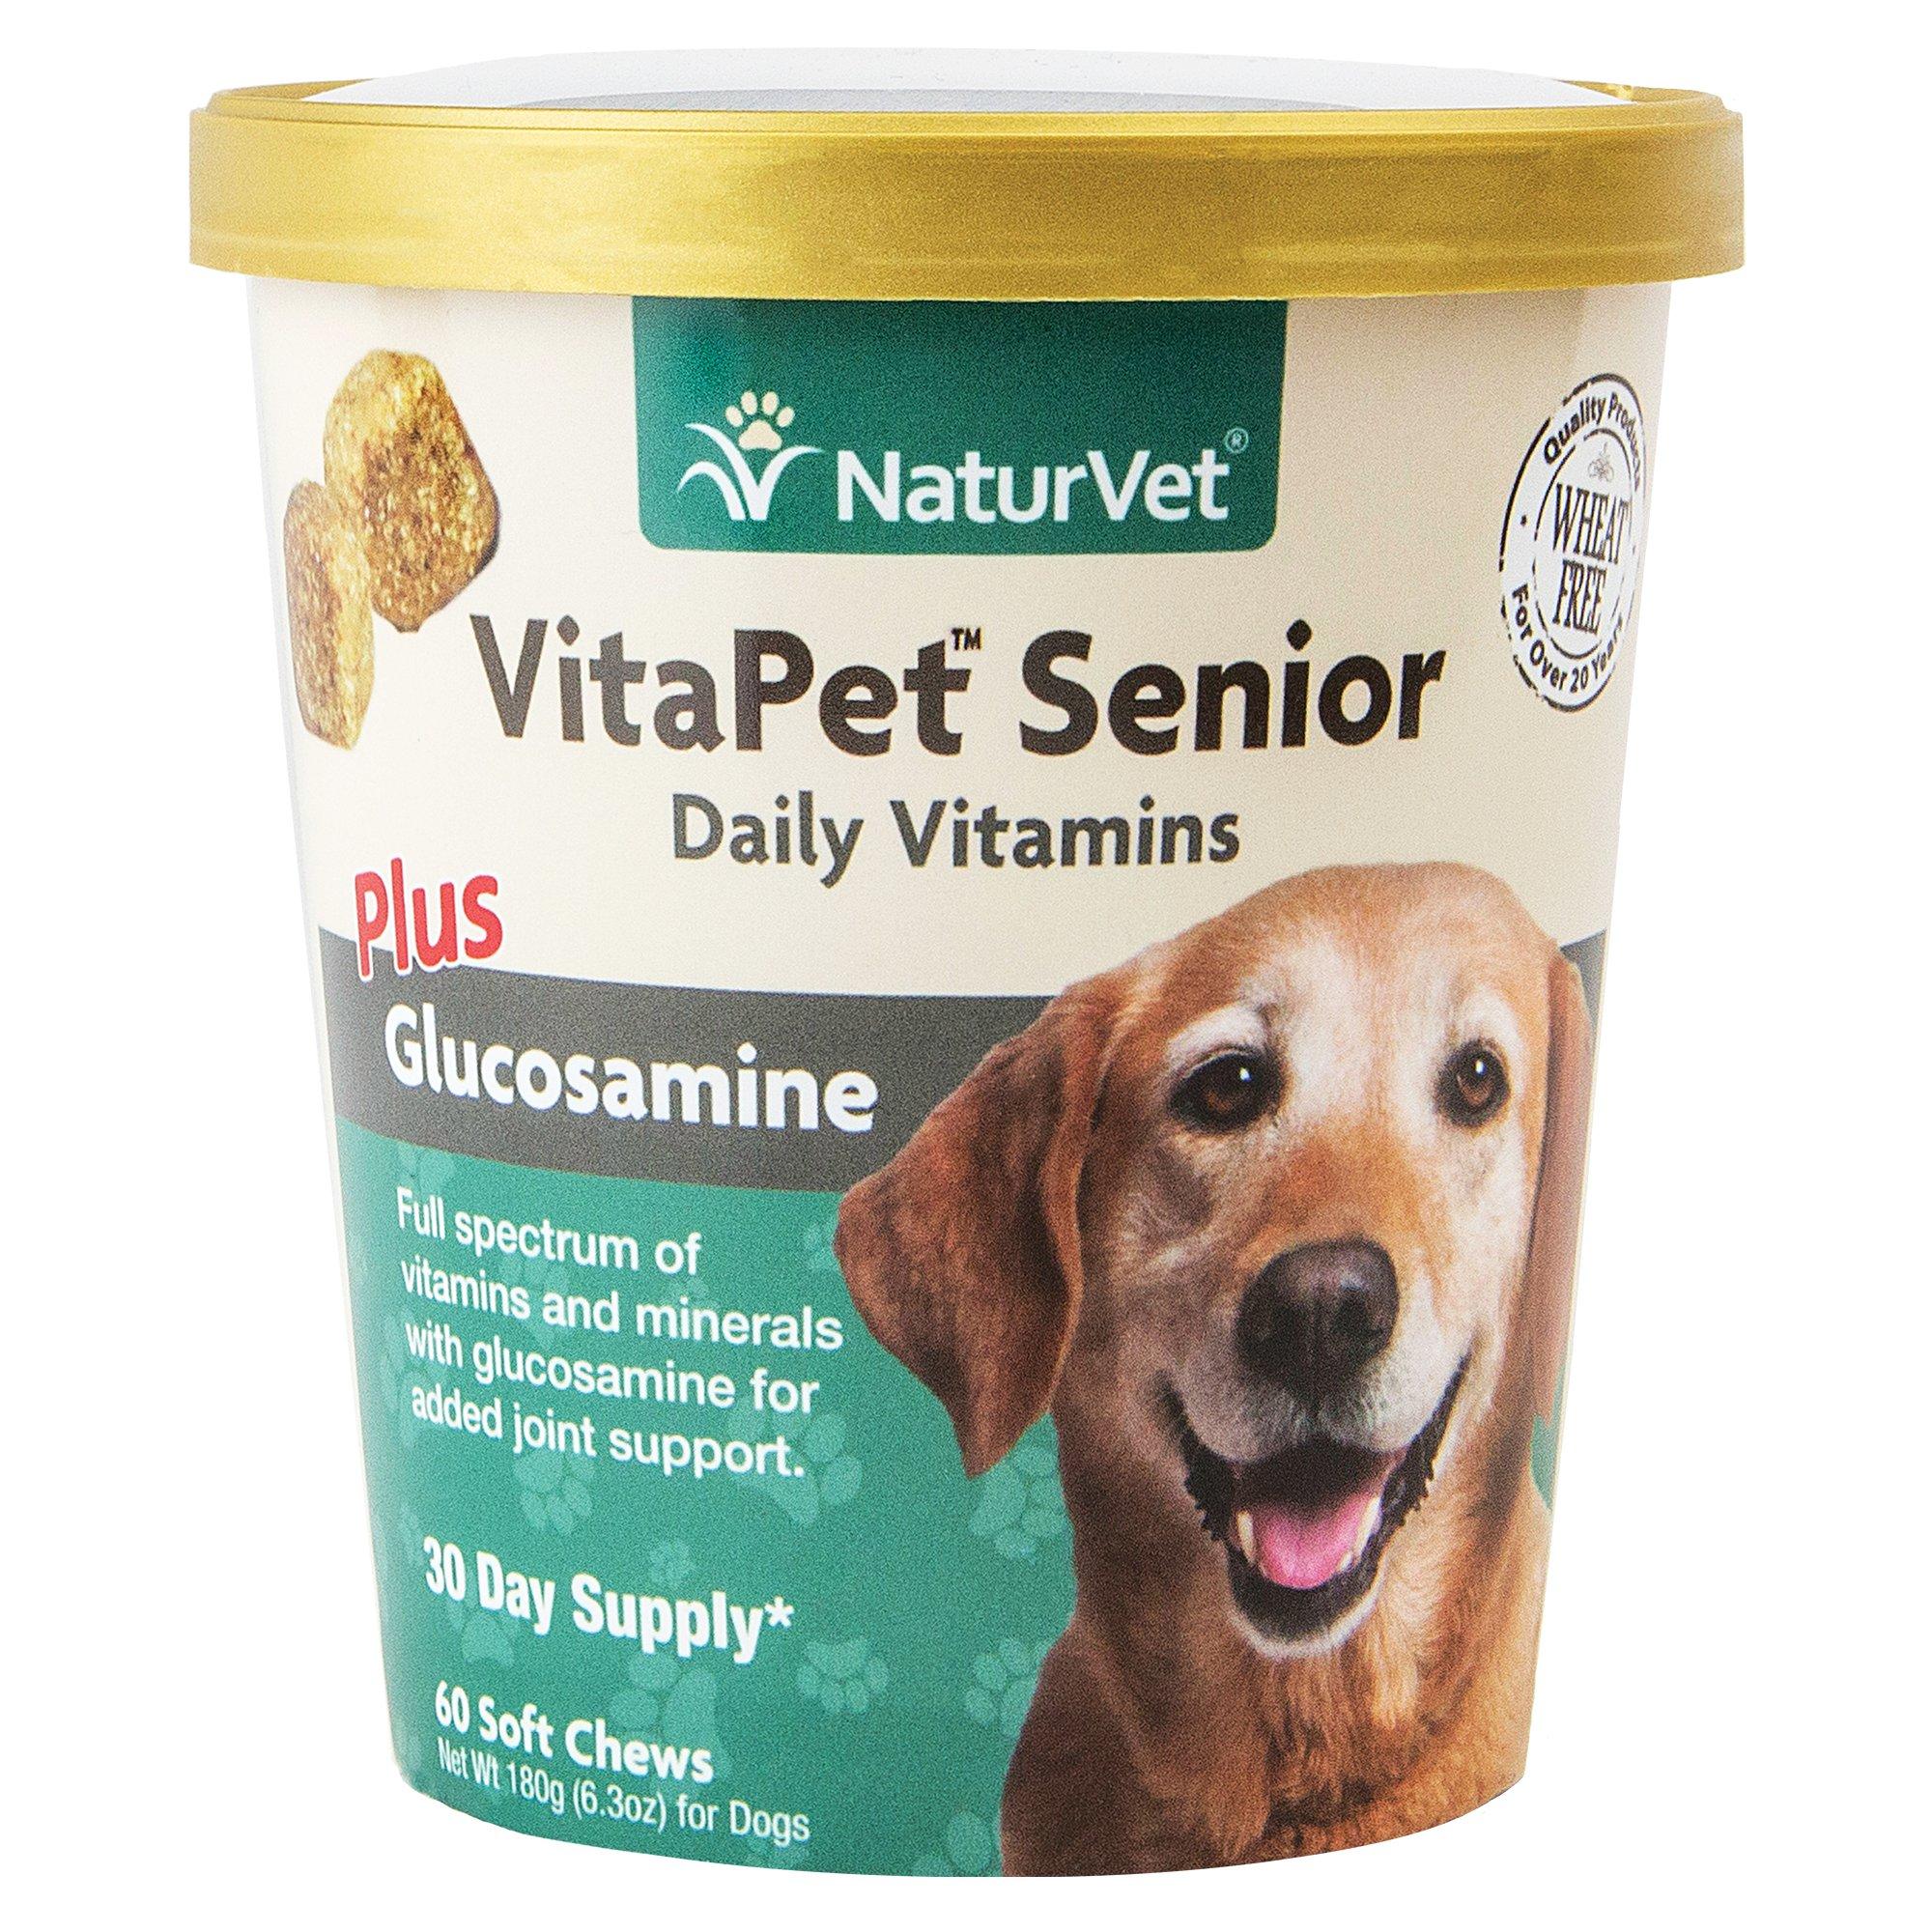 NaturVet VitaPet Senior Glucosamine Soft Chews